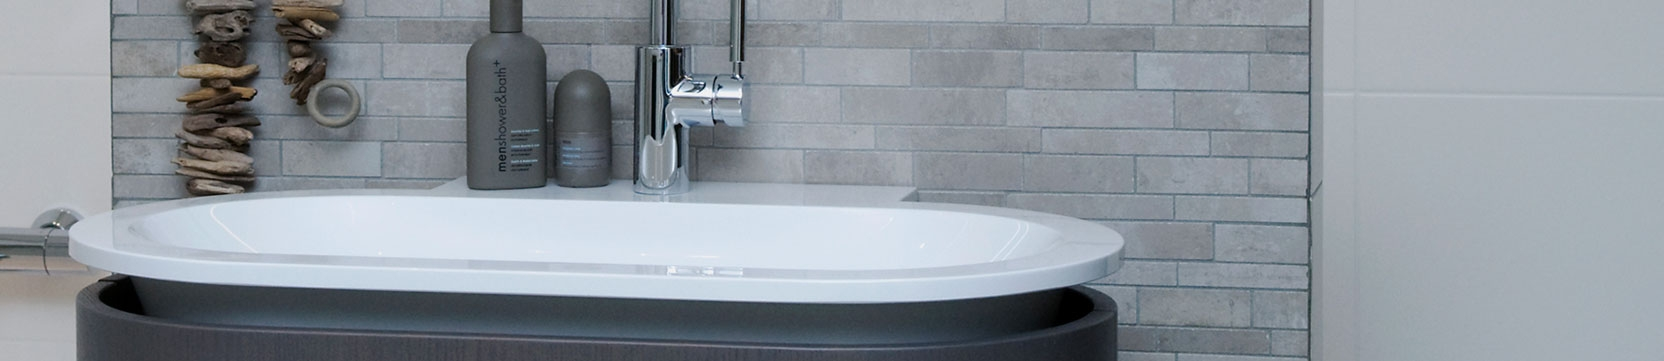 Sanitair - badkamer of toilet - ontwerp en uitvoering � badkamers ...